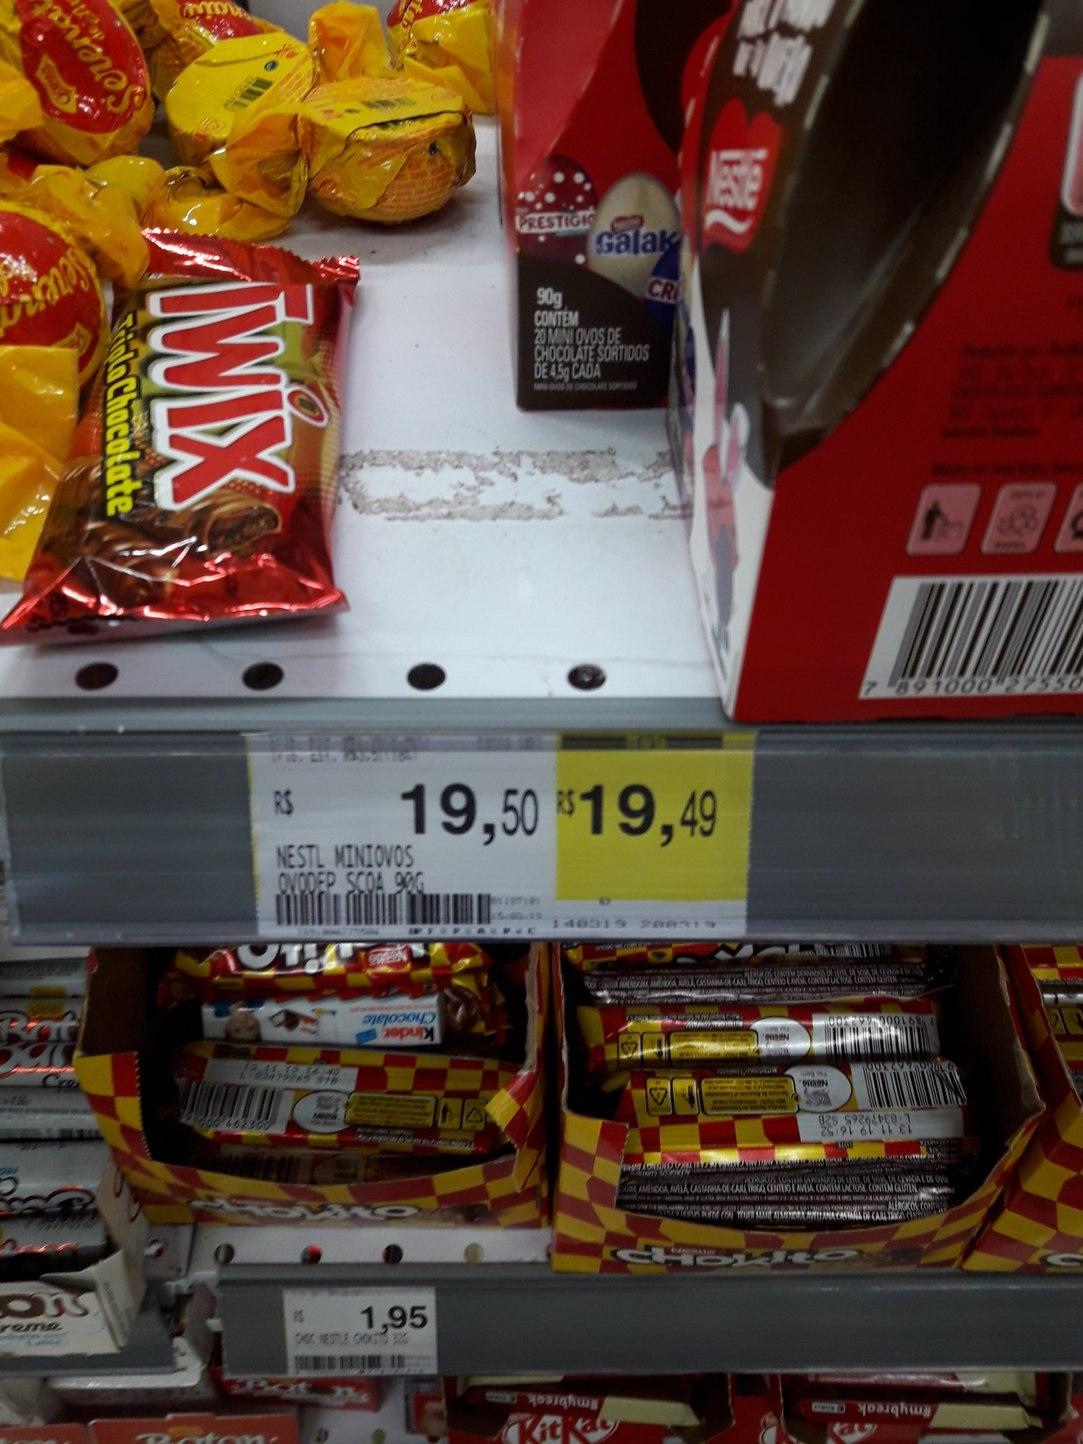 De R$19,50 por apenas R$19,49. - meme